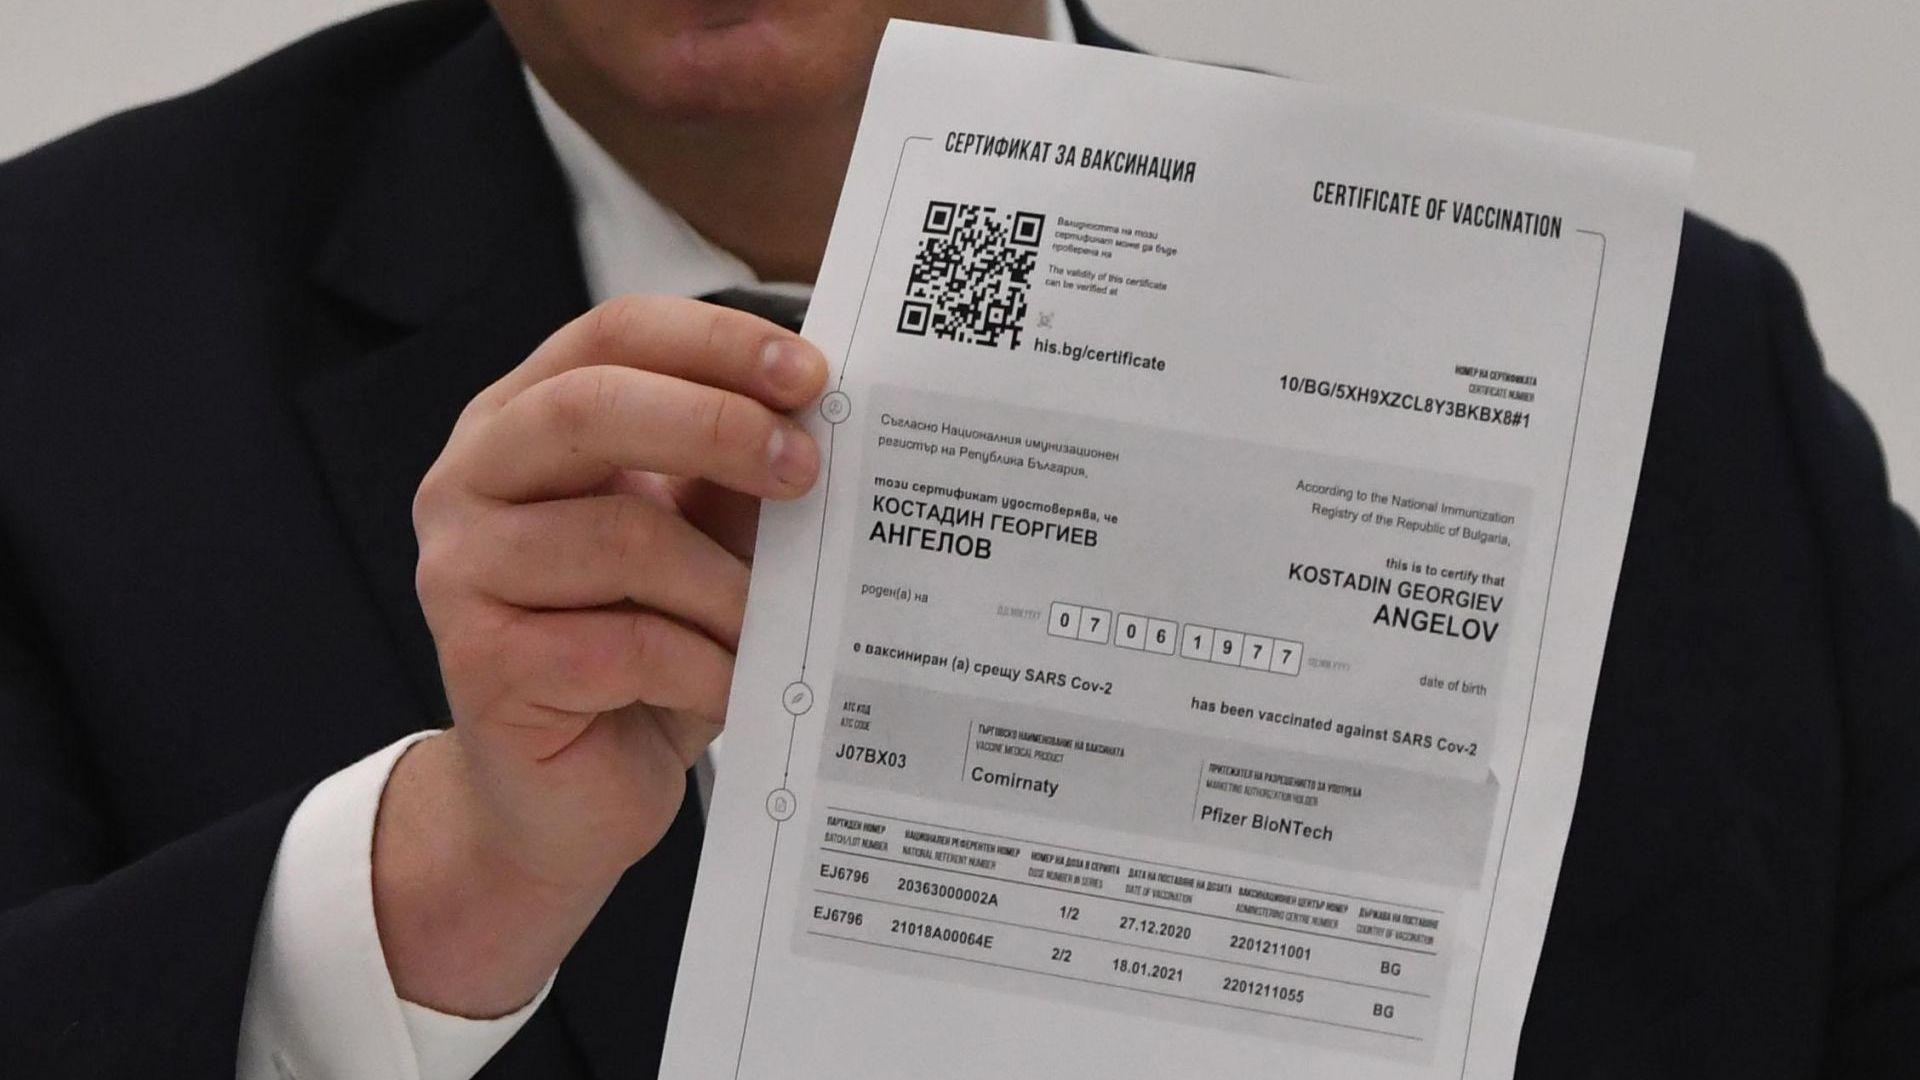 Оповестиха какъв е редът за коригиране на сгрешени данни в сертификатите за ваксинация